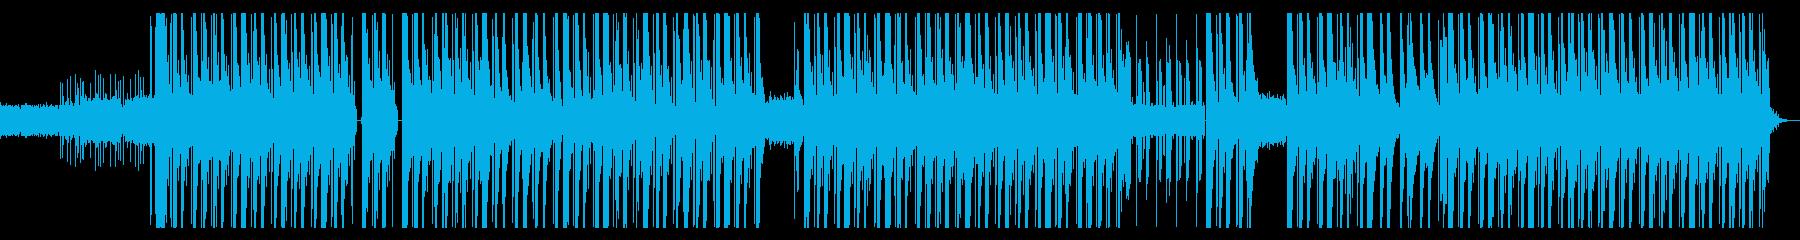 ダーク、シンセ、ハード、ヒップホップの再生済みの波形